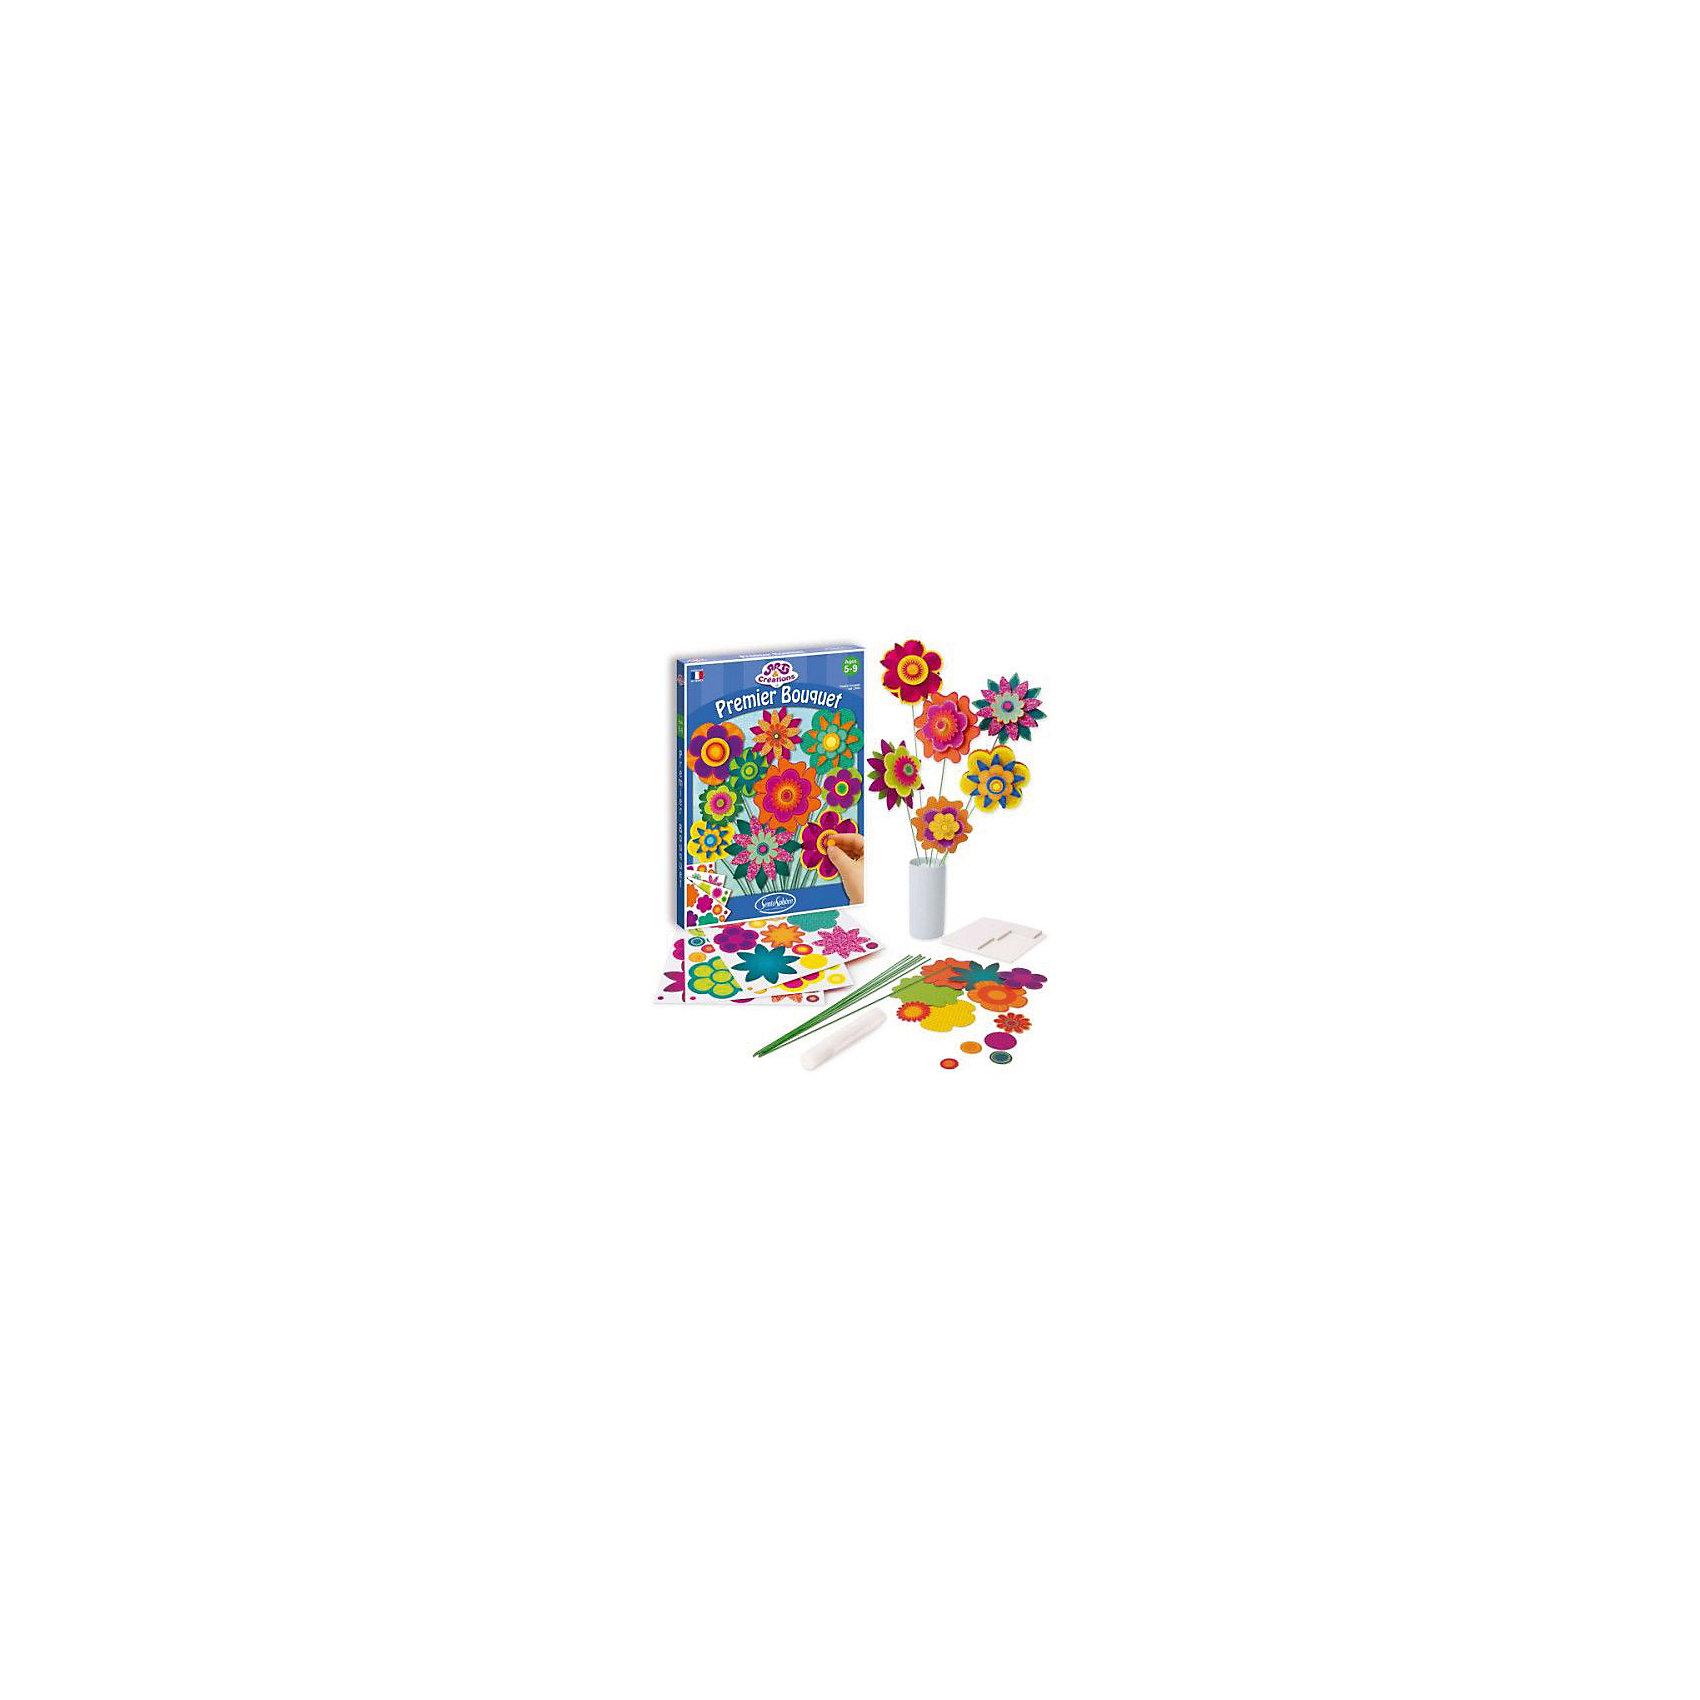 Набор для детского творчества Создай букет, SentoSphereНабор для детского творчества Создай букет, SentoSphere - это прекрасный подарок и отличный вариант для увлекательного детского творчества.<br>Яркий букет цветов своими руками! Используя разноцветные лепестки, венчики и стебельки, ребенок с огромным удовольствием создаст прелестный букетик цветов без использования клея. Если нанести блестки на лепестки, бумажные цветы и вовсе станут невероятно нарядными и праздничными. Такой букет, сделанный своими руками, можно подарить любимой маме. Набор для творчества «Создай букет» развивает фантазию, усидчивость и внимательность.<br><br>Дополнительная информация:<br><br>- В наборе: 98 лепестков и цветоносов, 15 стеблей для цветов, 1 тюбик перламутровых блесток, двусторонние клейкие квадратики<br>- Материал: бумага<br>- Размер упаковки: 20 х 28 х 1,5 см.<br><br>Набор для детского творчества Создай букет, SentoSphere можно купить в нашем интернет-магазине.<br><br>Ширина мм: 285<br>Глубина мм: 210<br>Высота мм: 27<br>Вес г: 271<br>Возраст от месяцев: 60<br>Возраст до месяцев: 120<br>Пол: Унисекс<br>Возраст: Детский<br>SKU: 3548356